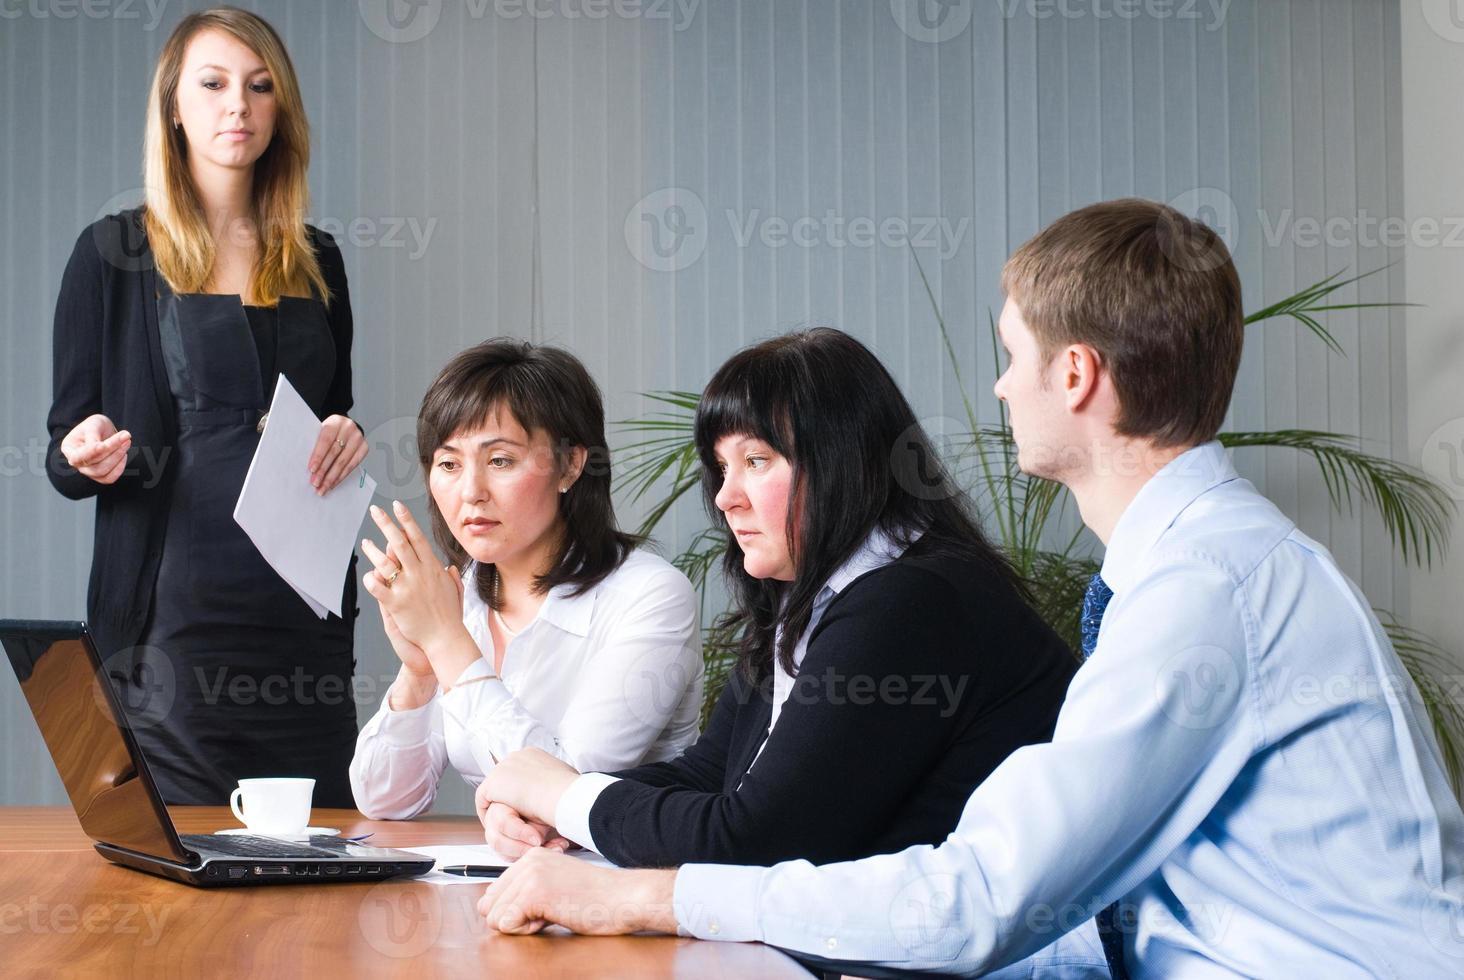 mujer haciendo presentación de negocios foto